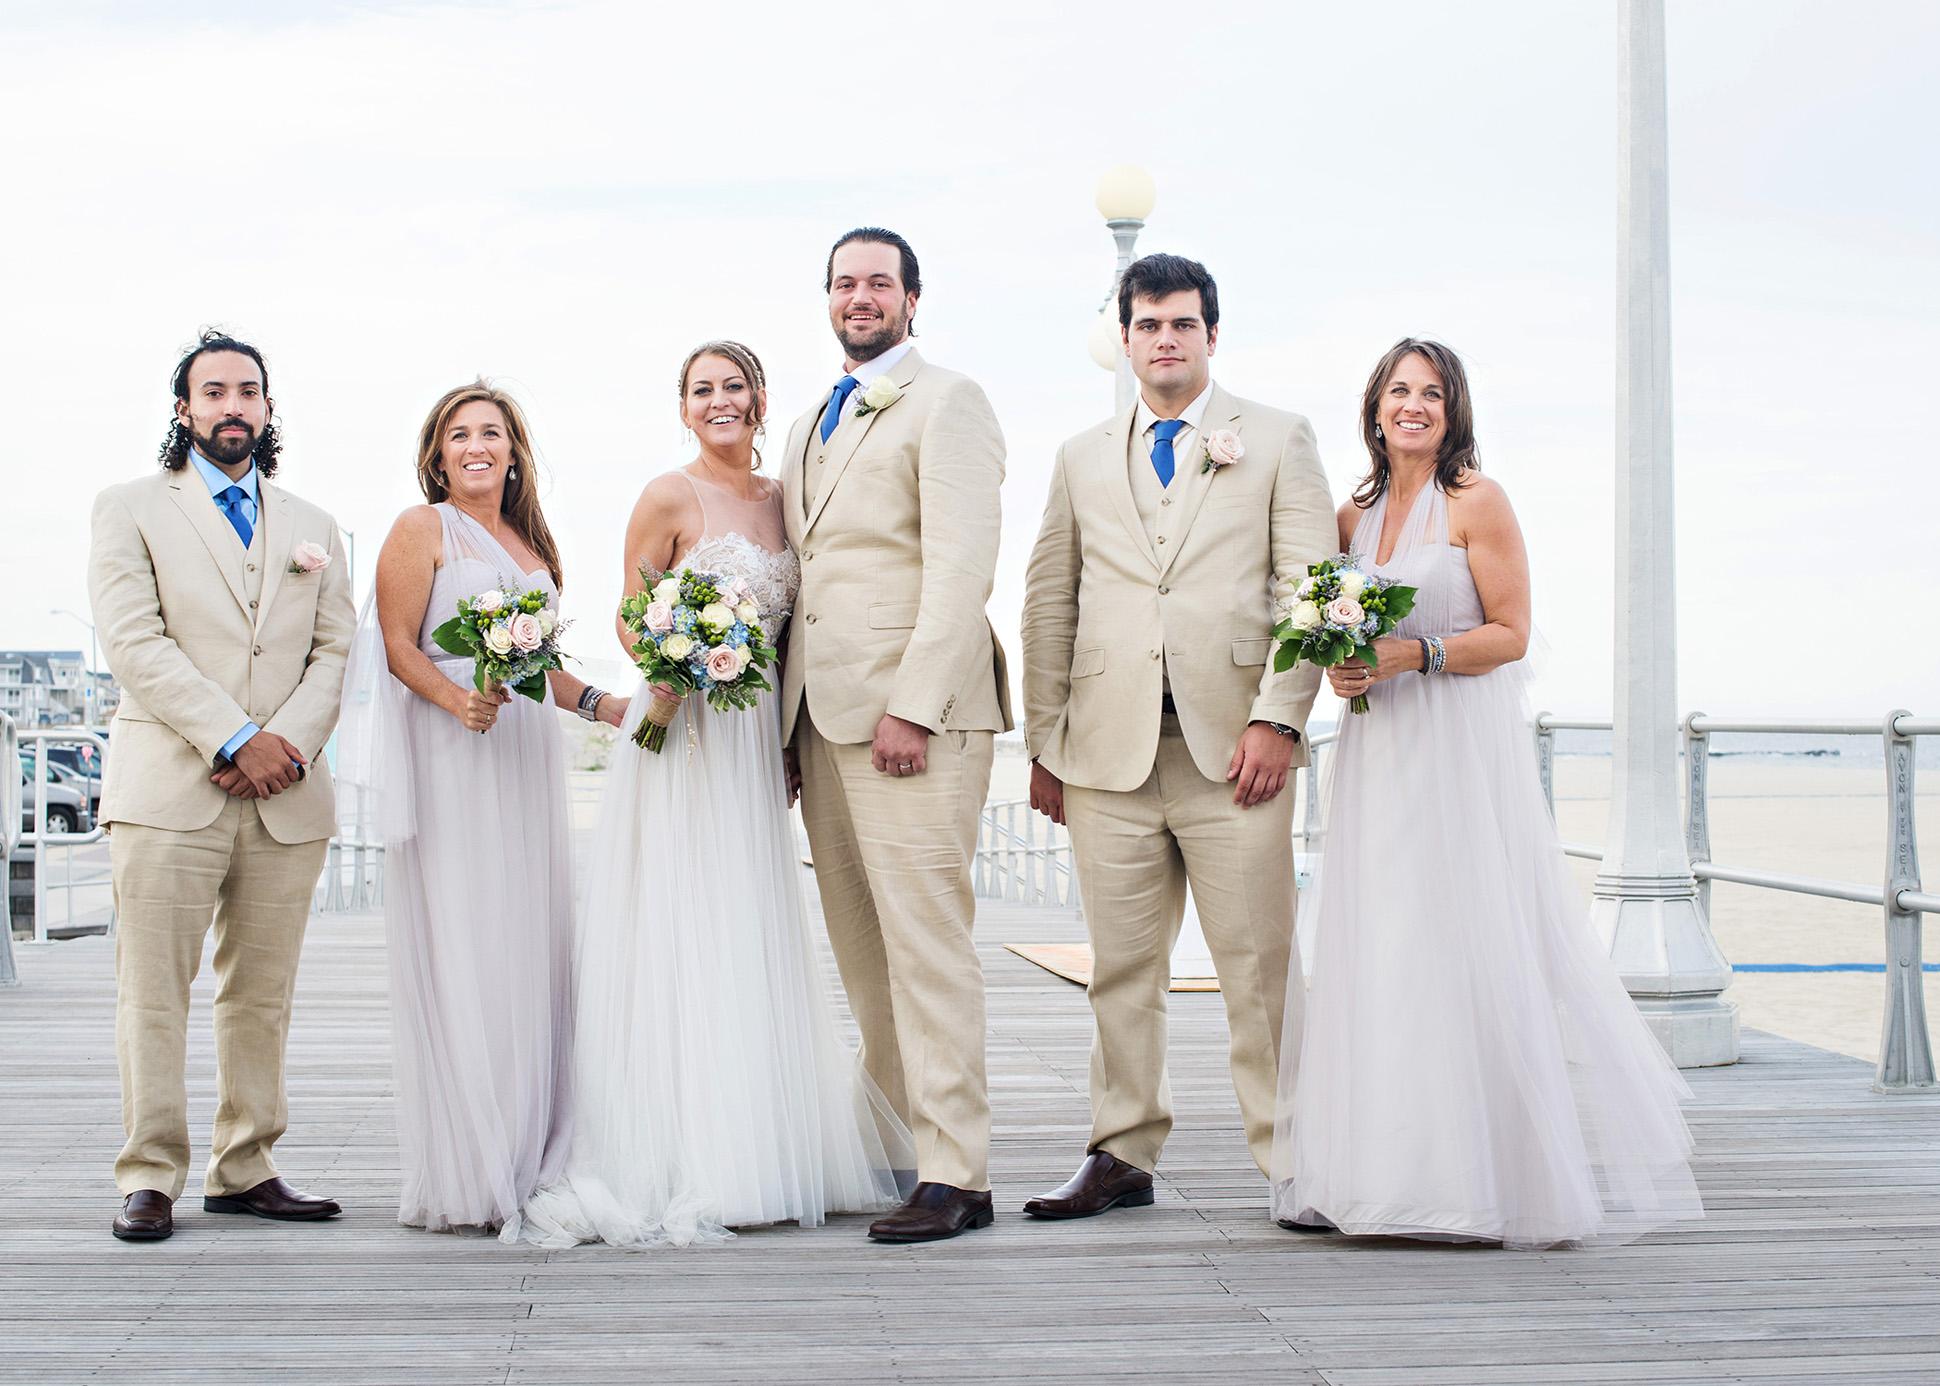 33-Sara Stadtmiller-SRS-Photography-Asbury-Park-Wedding-Photographer-Monmouth-County-Wedding-Photographer-NJ-Wedding-Photographer-Avon-by-the-Sea-Wedding-The-Columns-Wedding